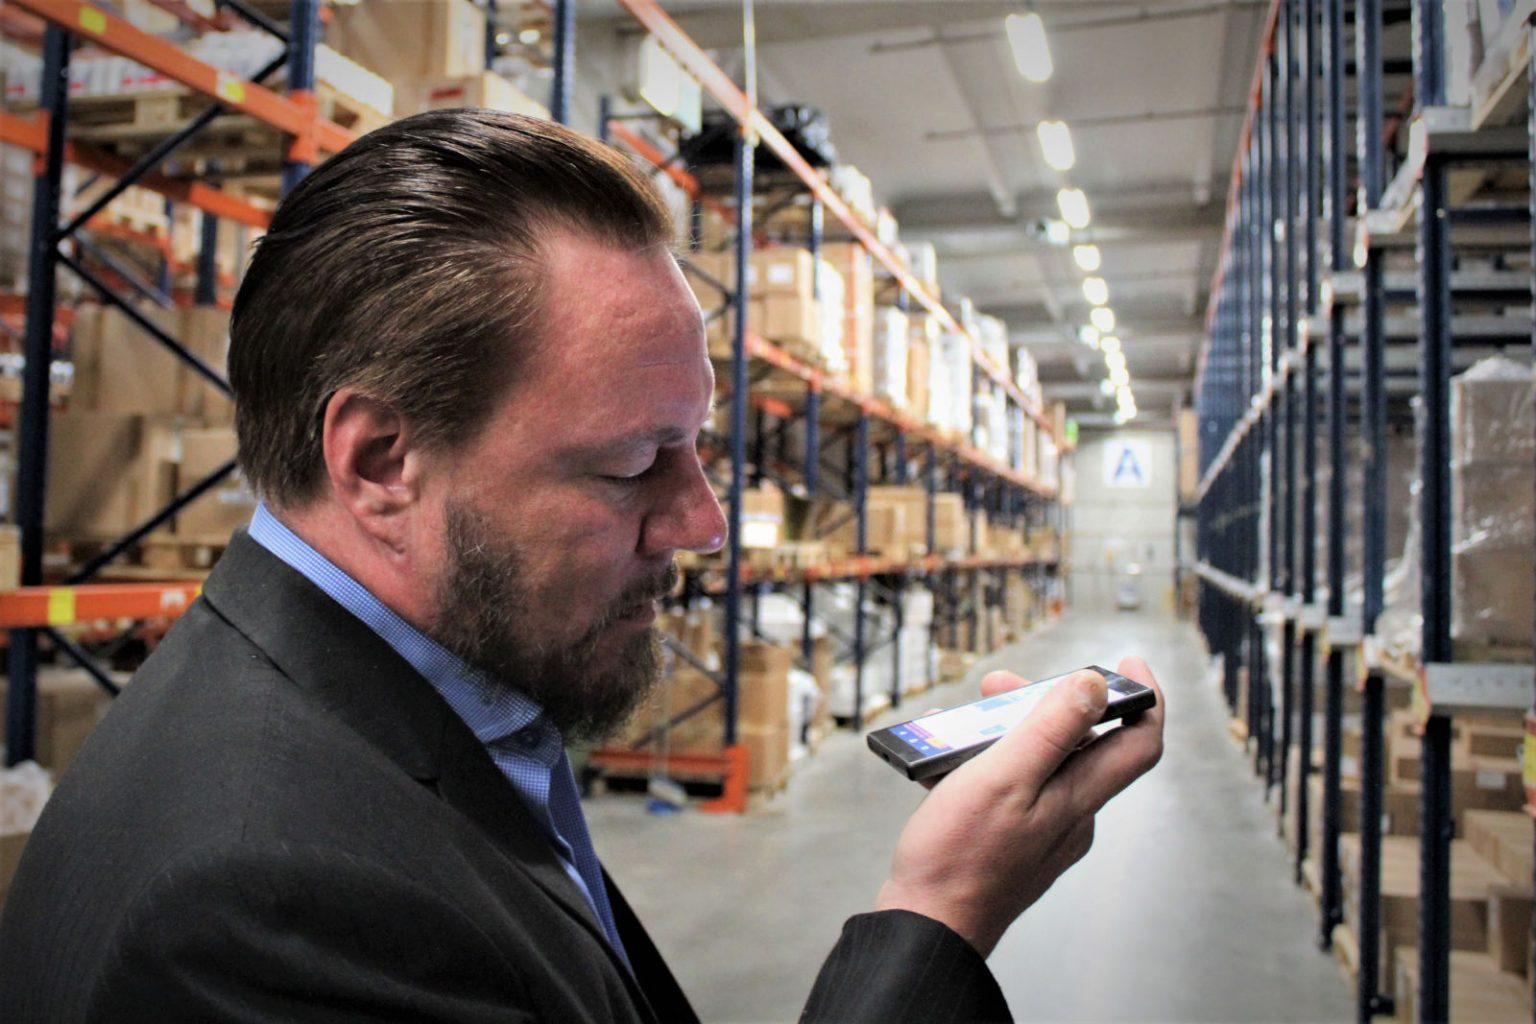 varaston keräilykapasiteetin kehittäminen digitaalisella ratkaisulla